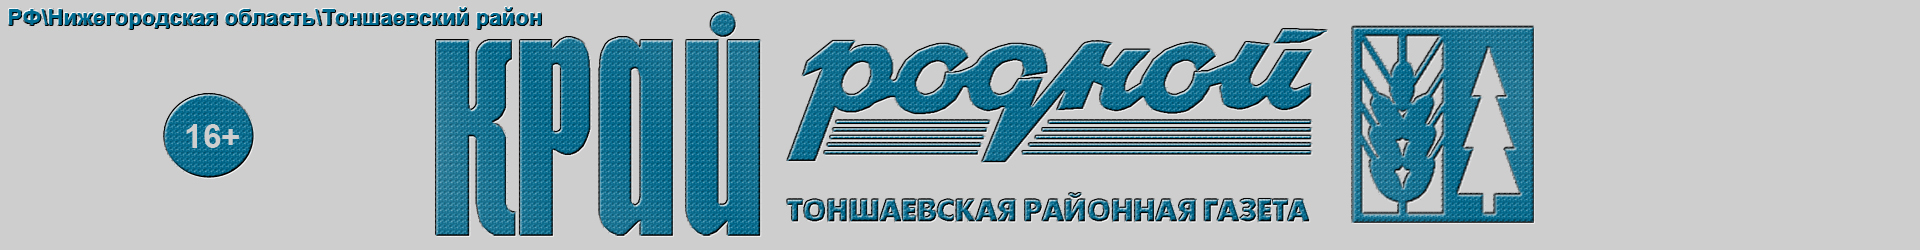 Новые проекты и федеральные субсидии для Нижегородской области